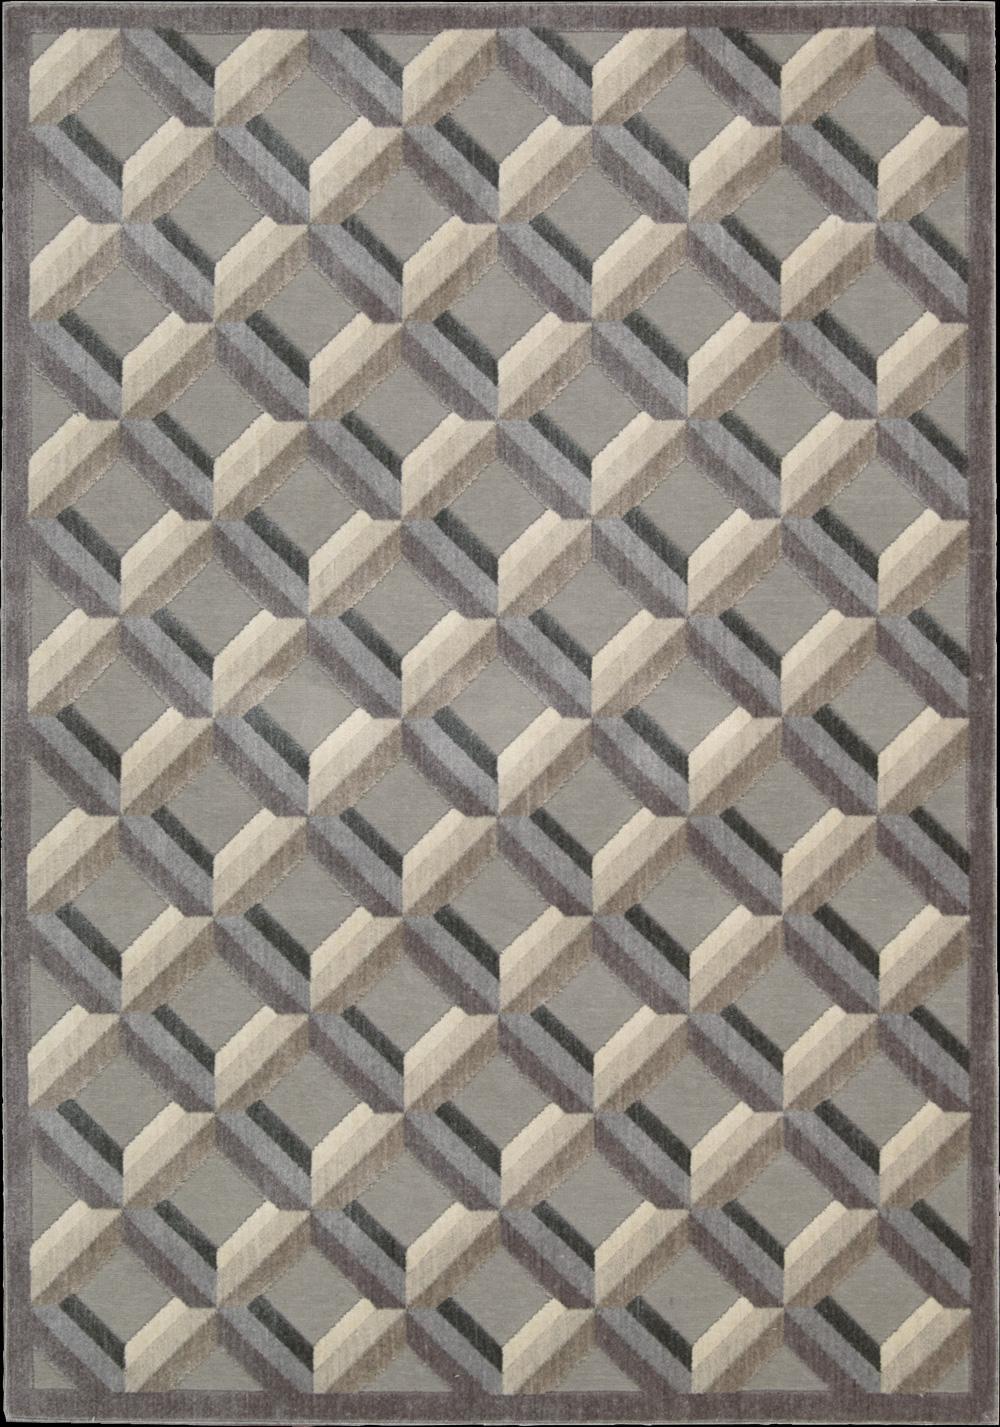 """Nourison Graphic Illusions Area Rug 2'3"""" x 3'9"""" - Item Number: 16070"""